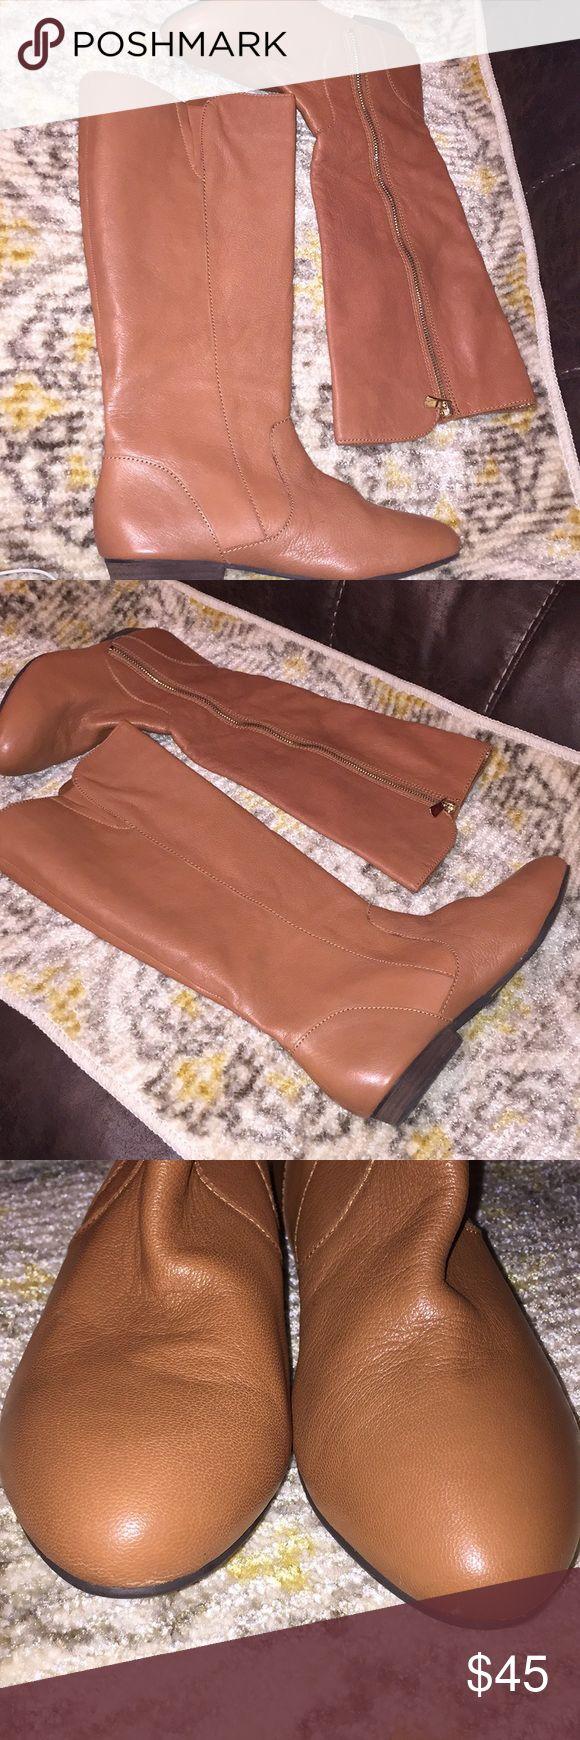 Gianni Bini Cognac Riding Boots Size 9 Gianni Bini Cognac Riding Boots Size 9 Shoes Ankle Boots & Booties